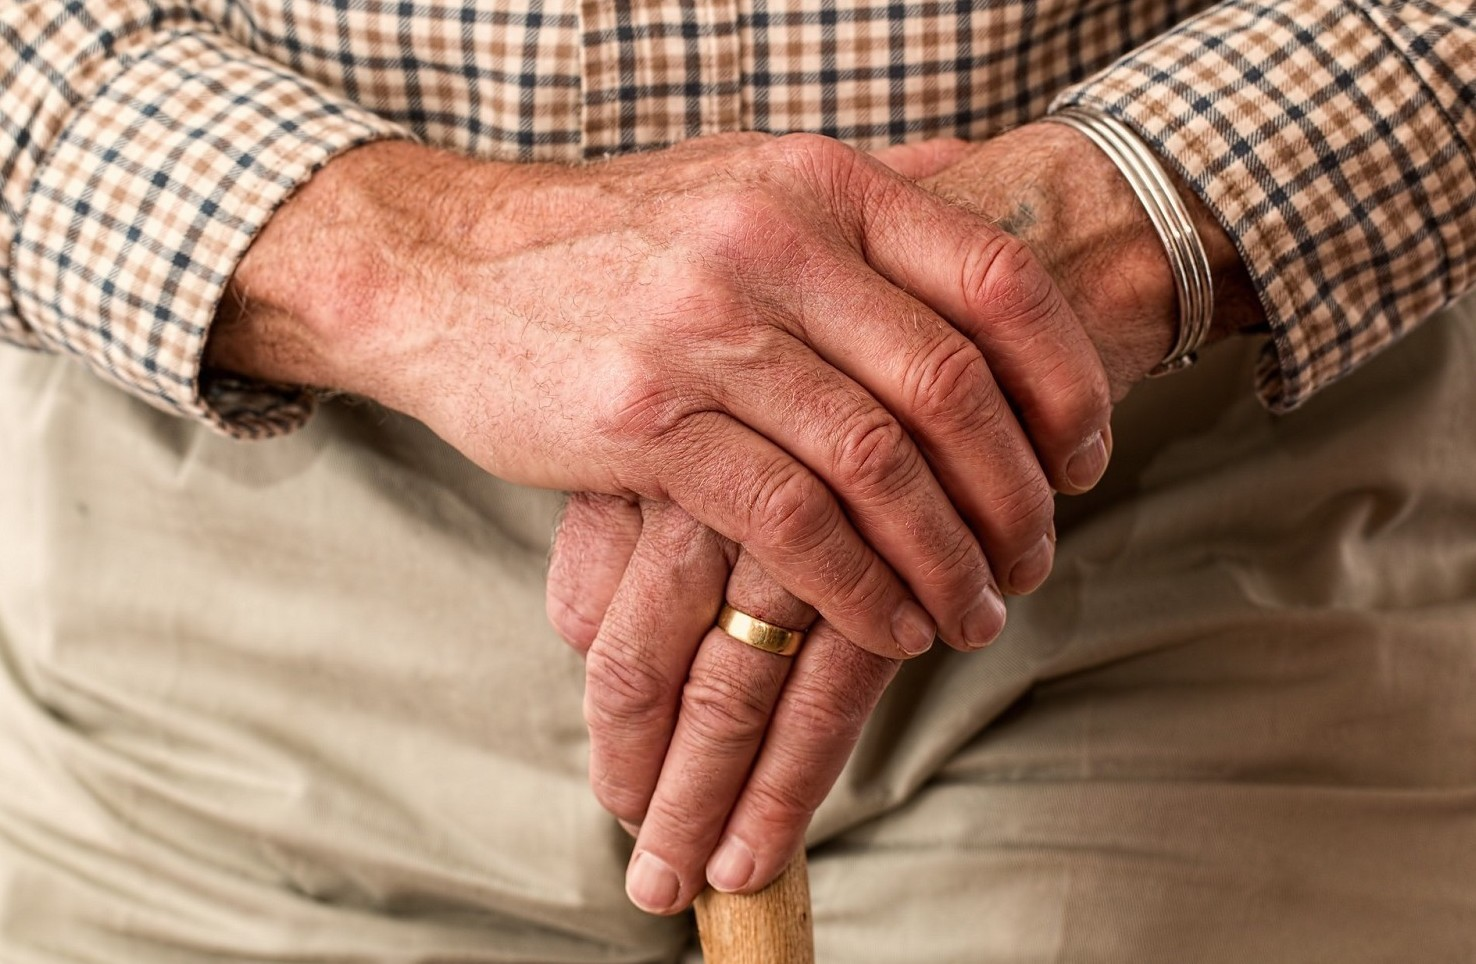 Pensione di reversibilità a chi spetta tra coniugi, figli e altri parenti